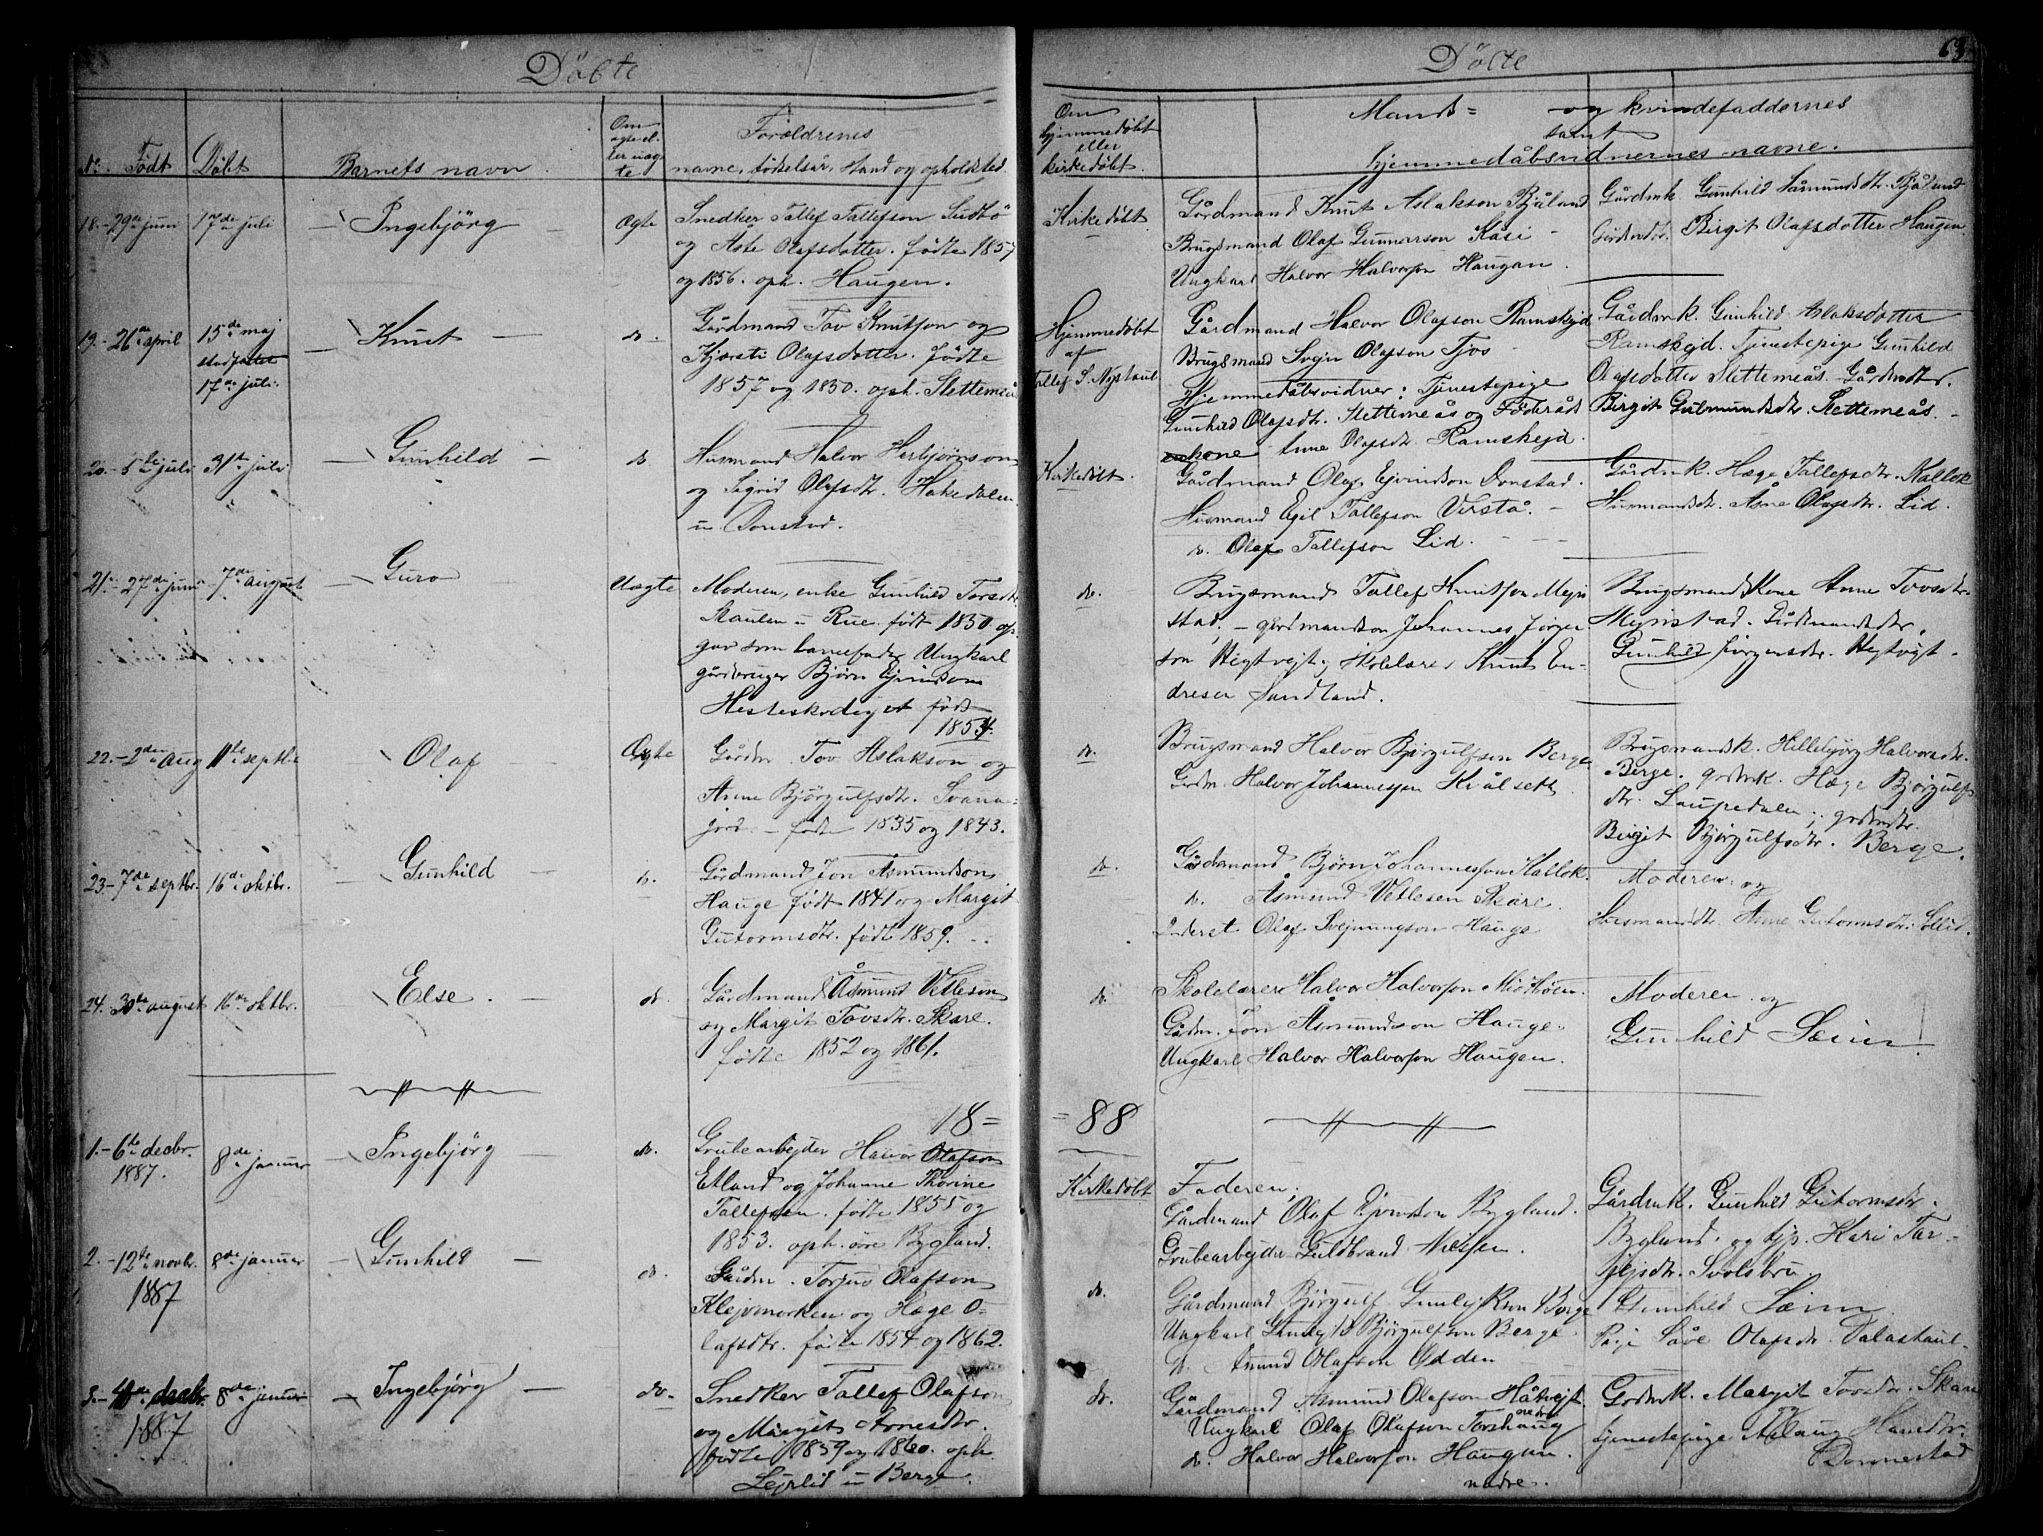 SAKO, Kviteseid kirkebøker, G/Gb/L0002: Klokkerbok nr. II 2, 1850-1892, s. 63